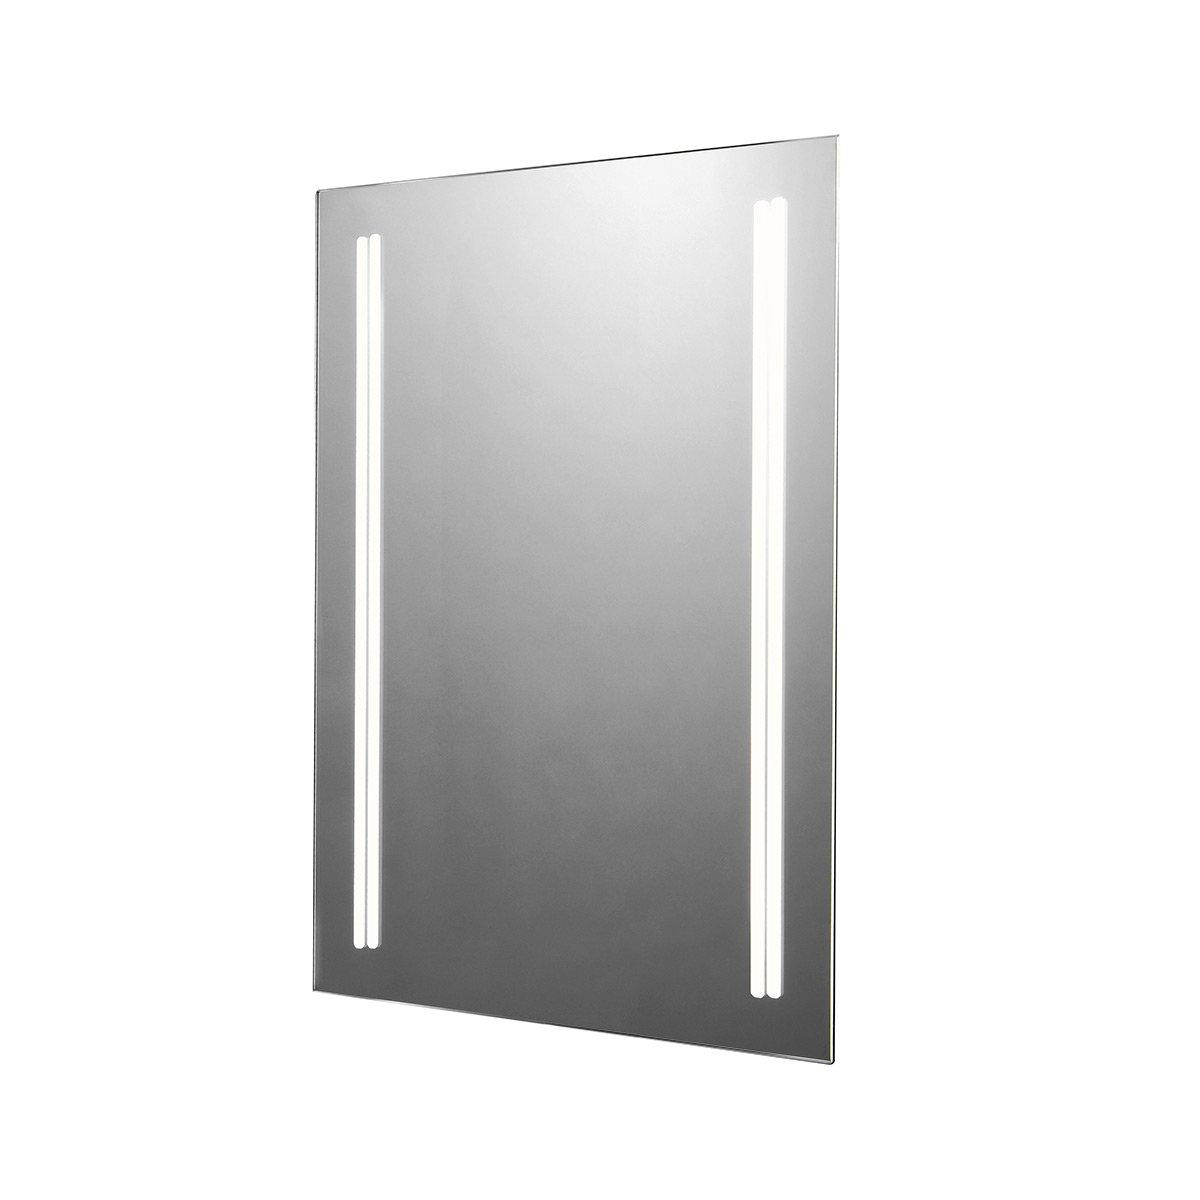 Bathroom Supastore Tavistock Diffuse LED Backlit Illuminated Mirror ...